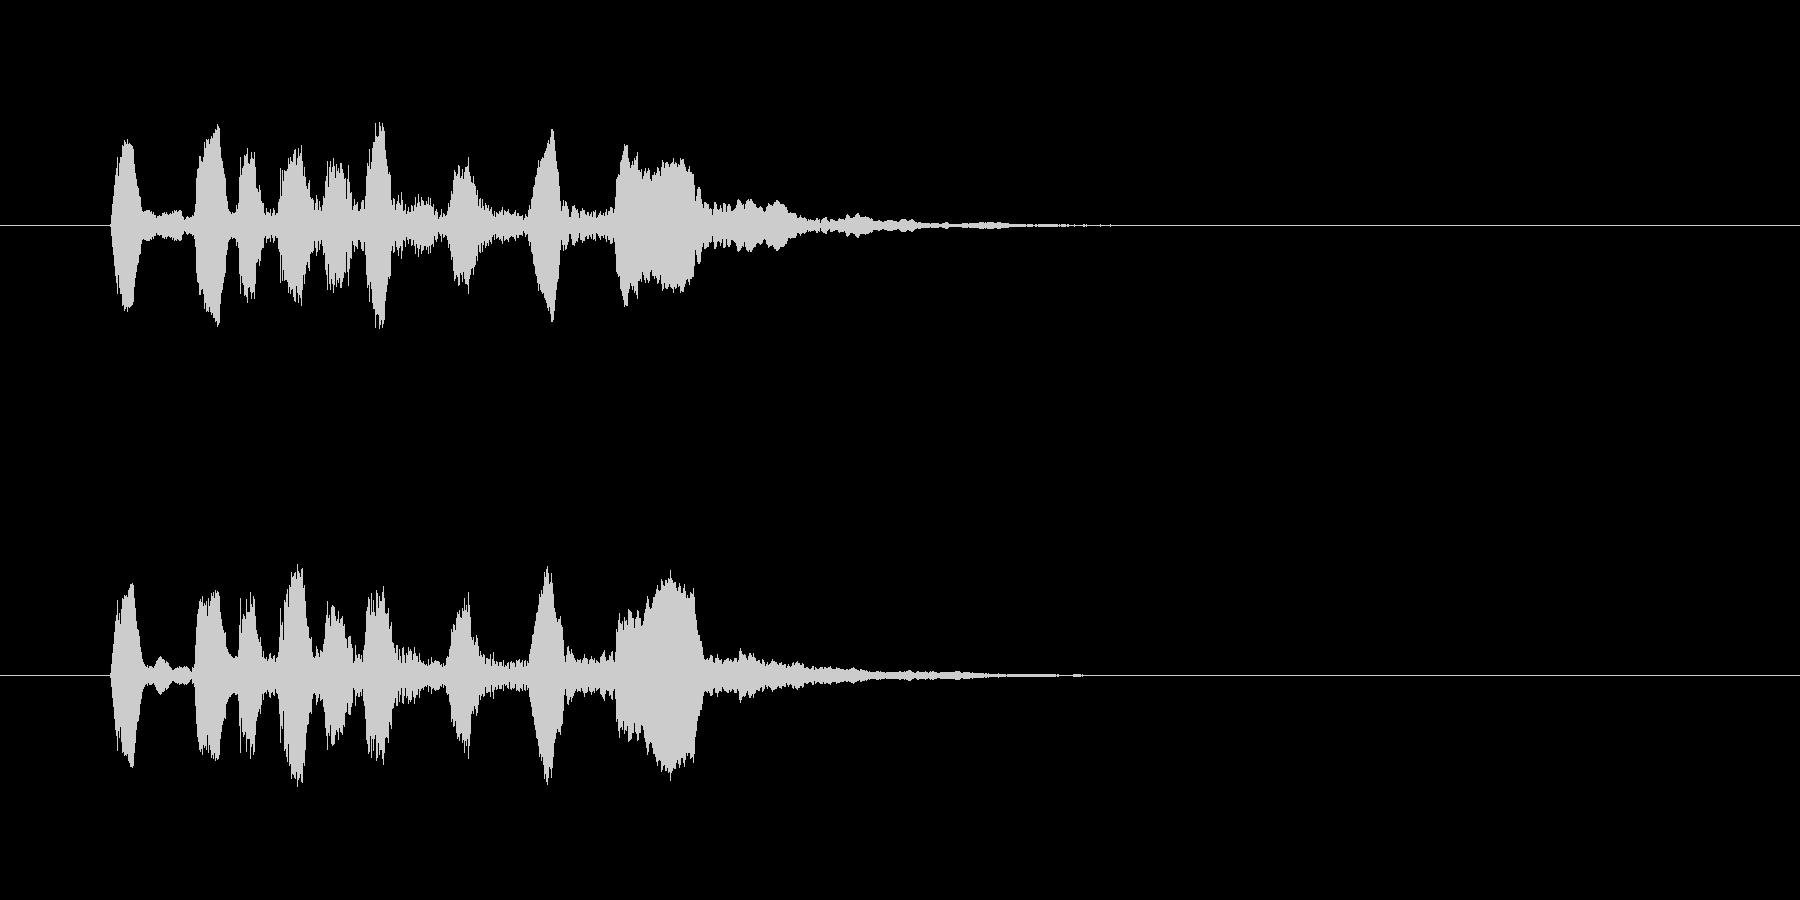 シンプルで軽快なトランペットジングルの未再生の波形